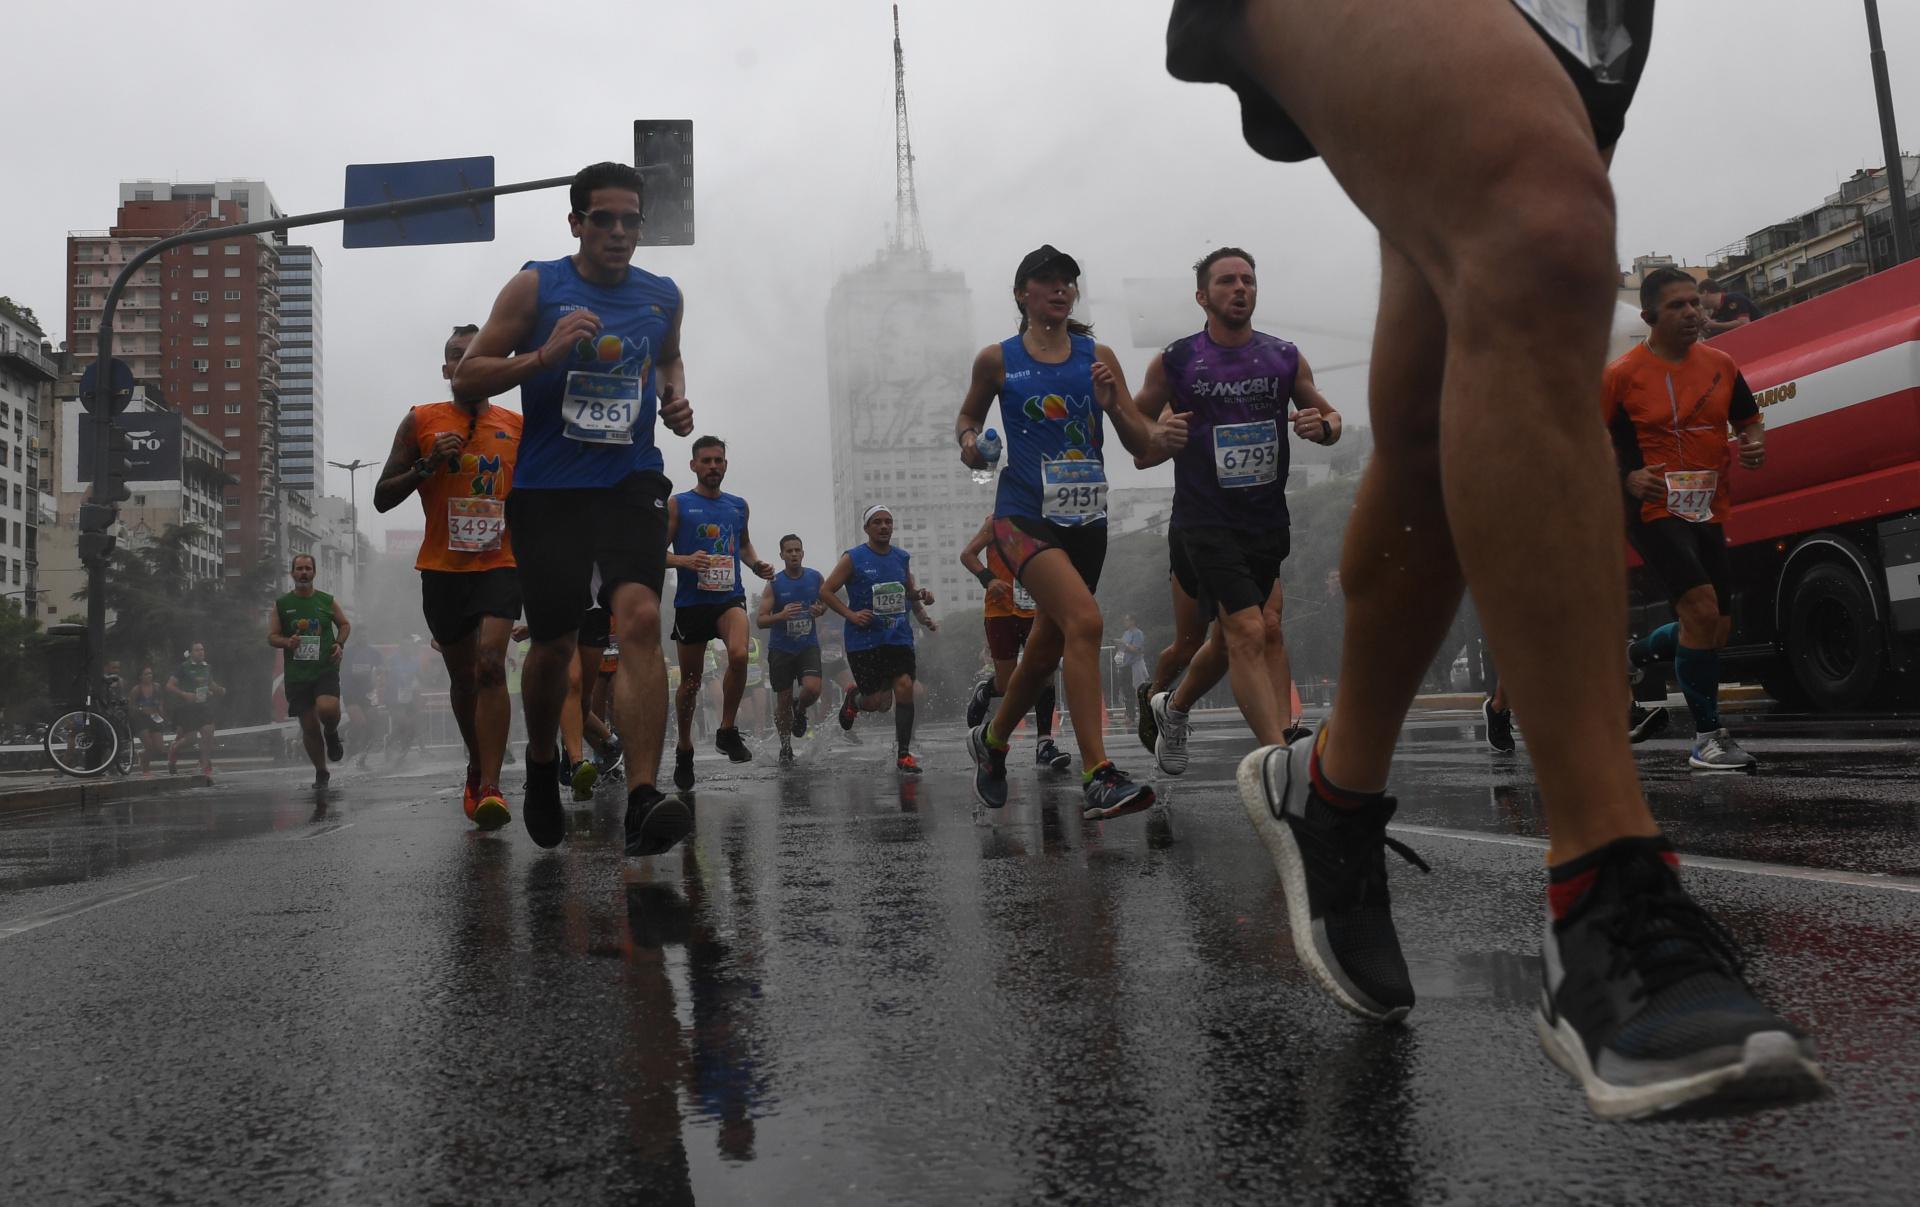 La garúa humedeció el asfalto en el medio de la maratón (Maximiliano Luna)